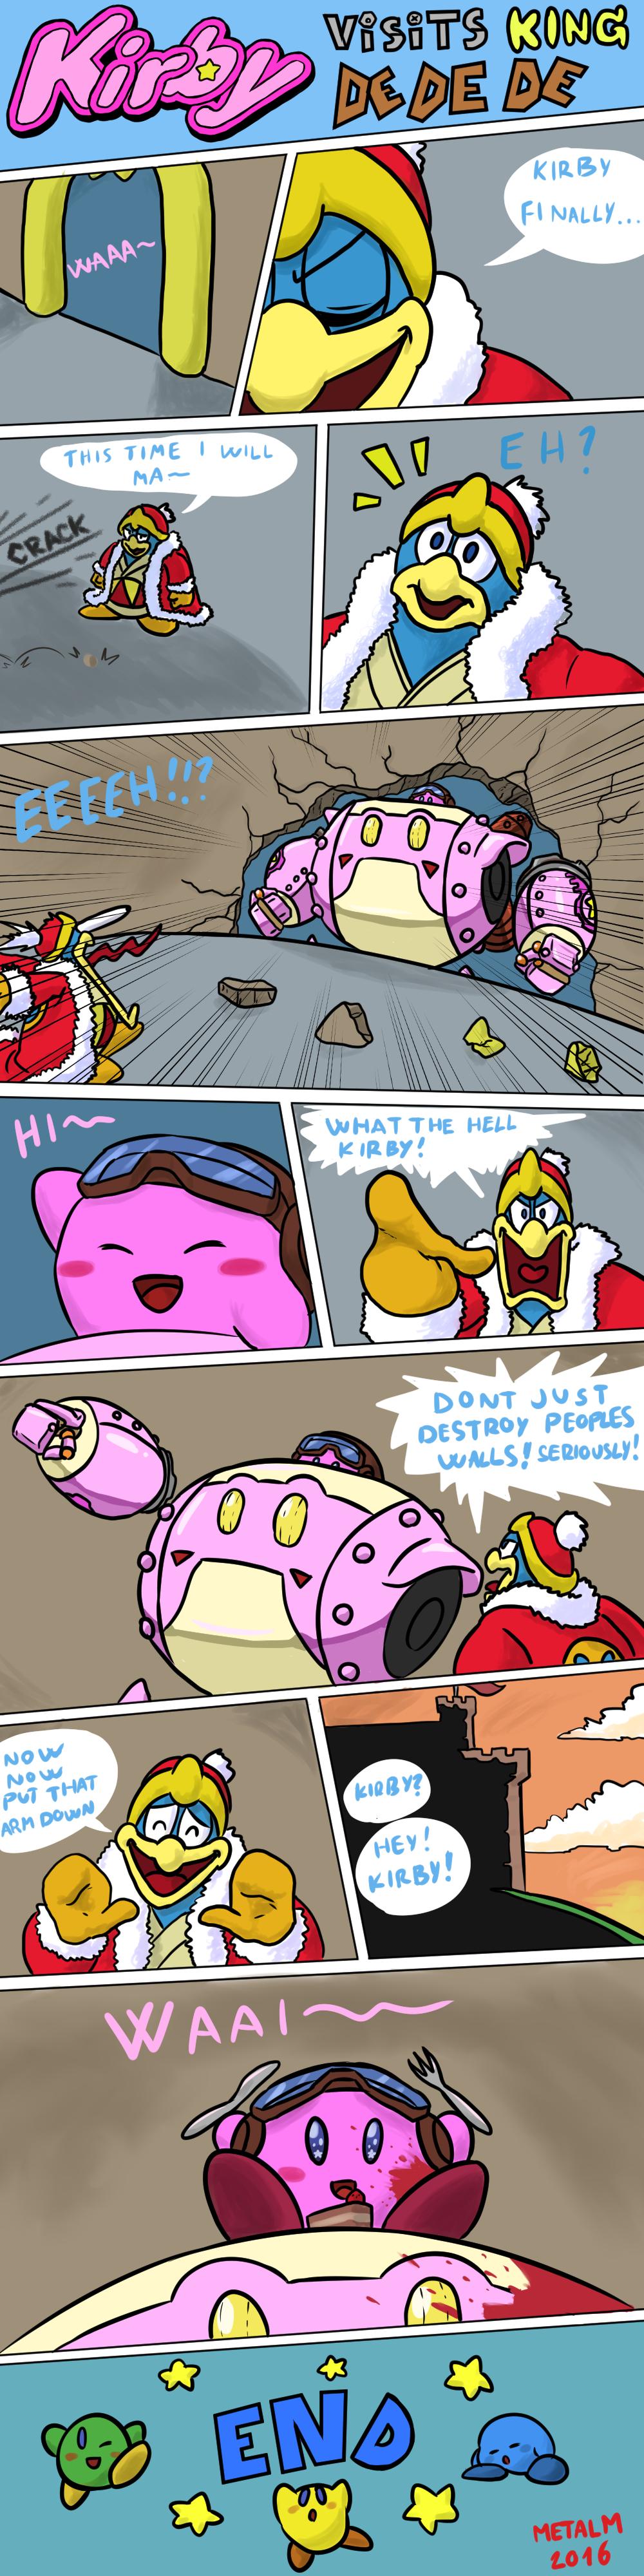 Kirby visits King Dedede by Metal-M on DeviantArt